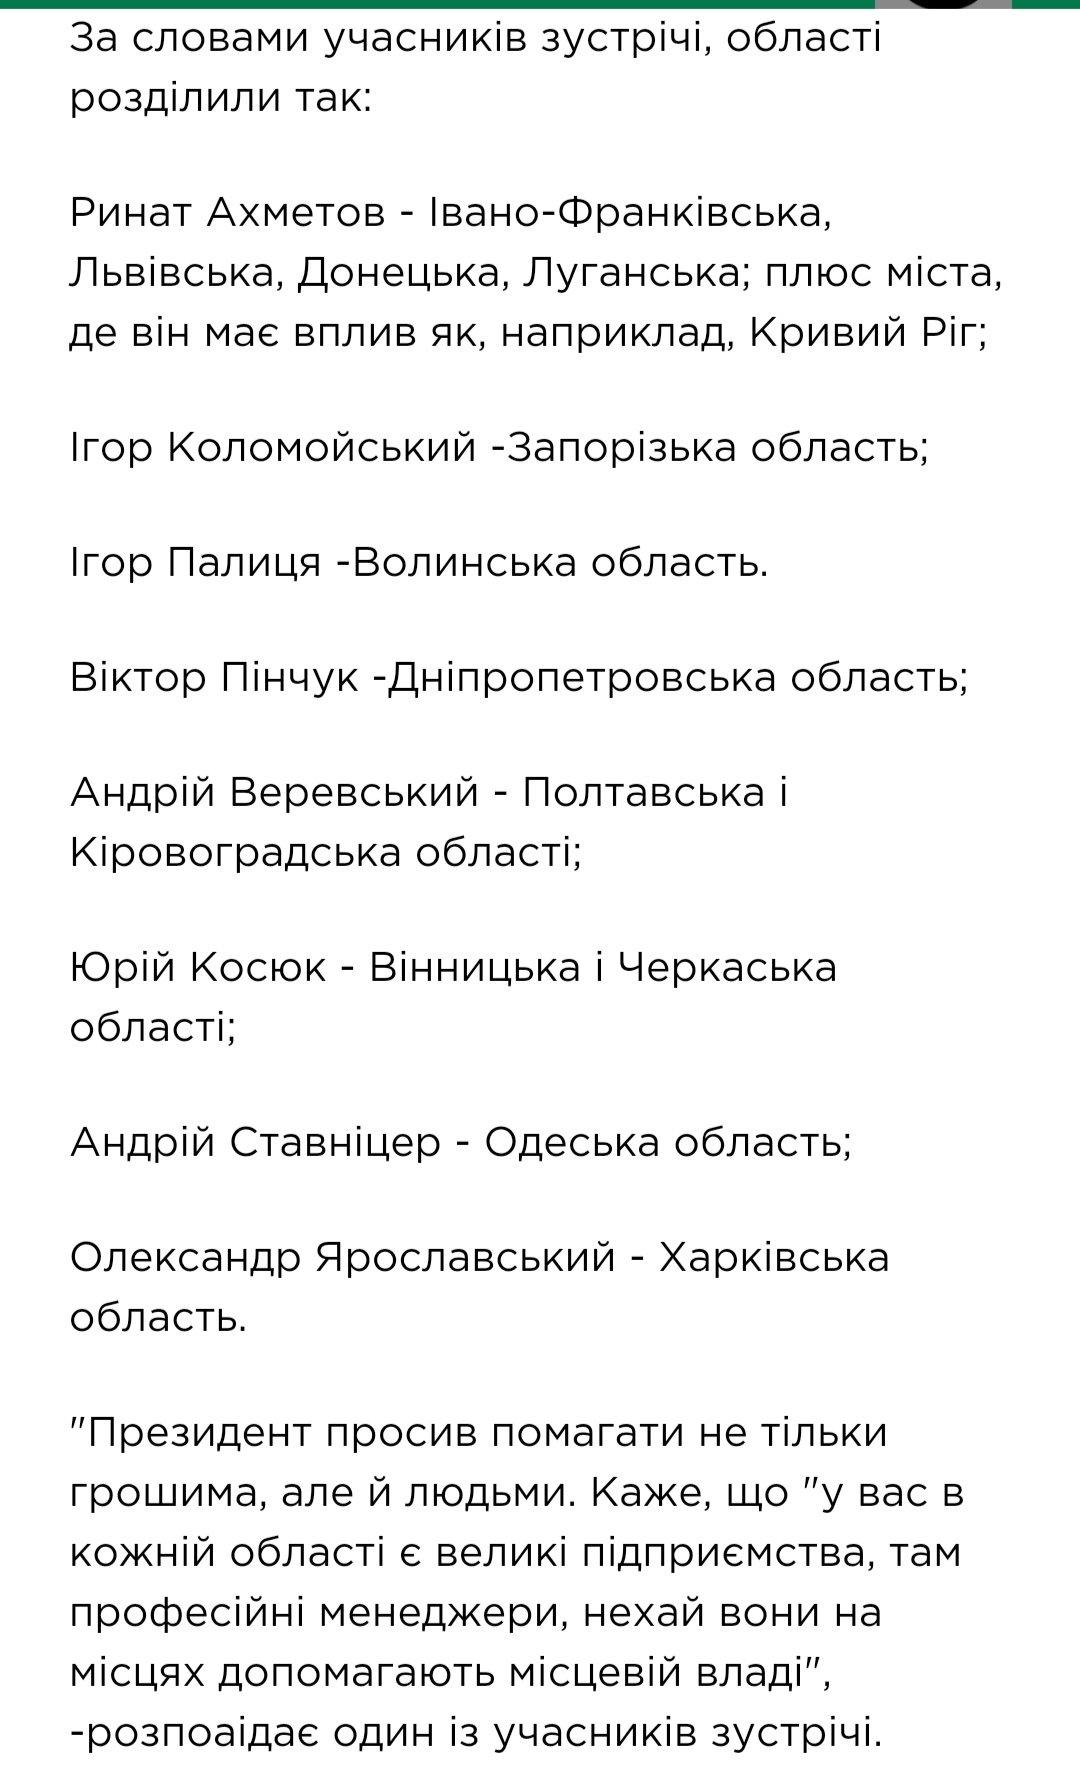 ПЛР-тестів на коронавірус вистачить Харківщині на три місяці, - Ярославський - Цензор.НЕТ 7856